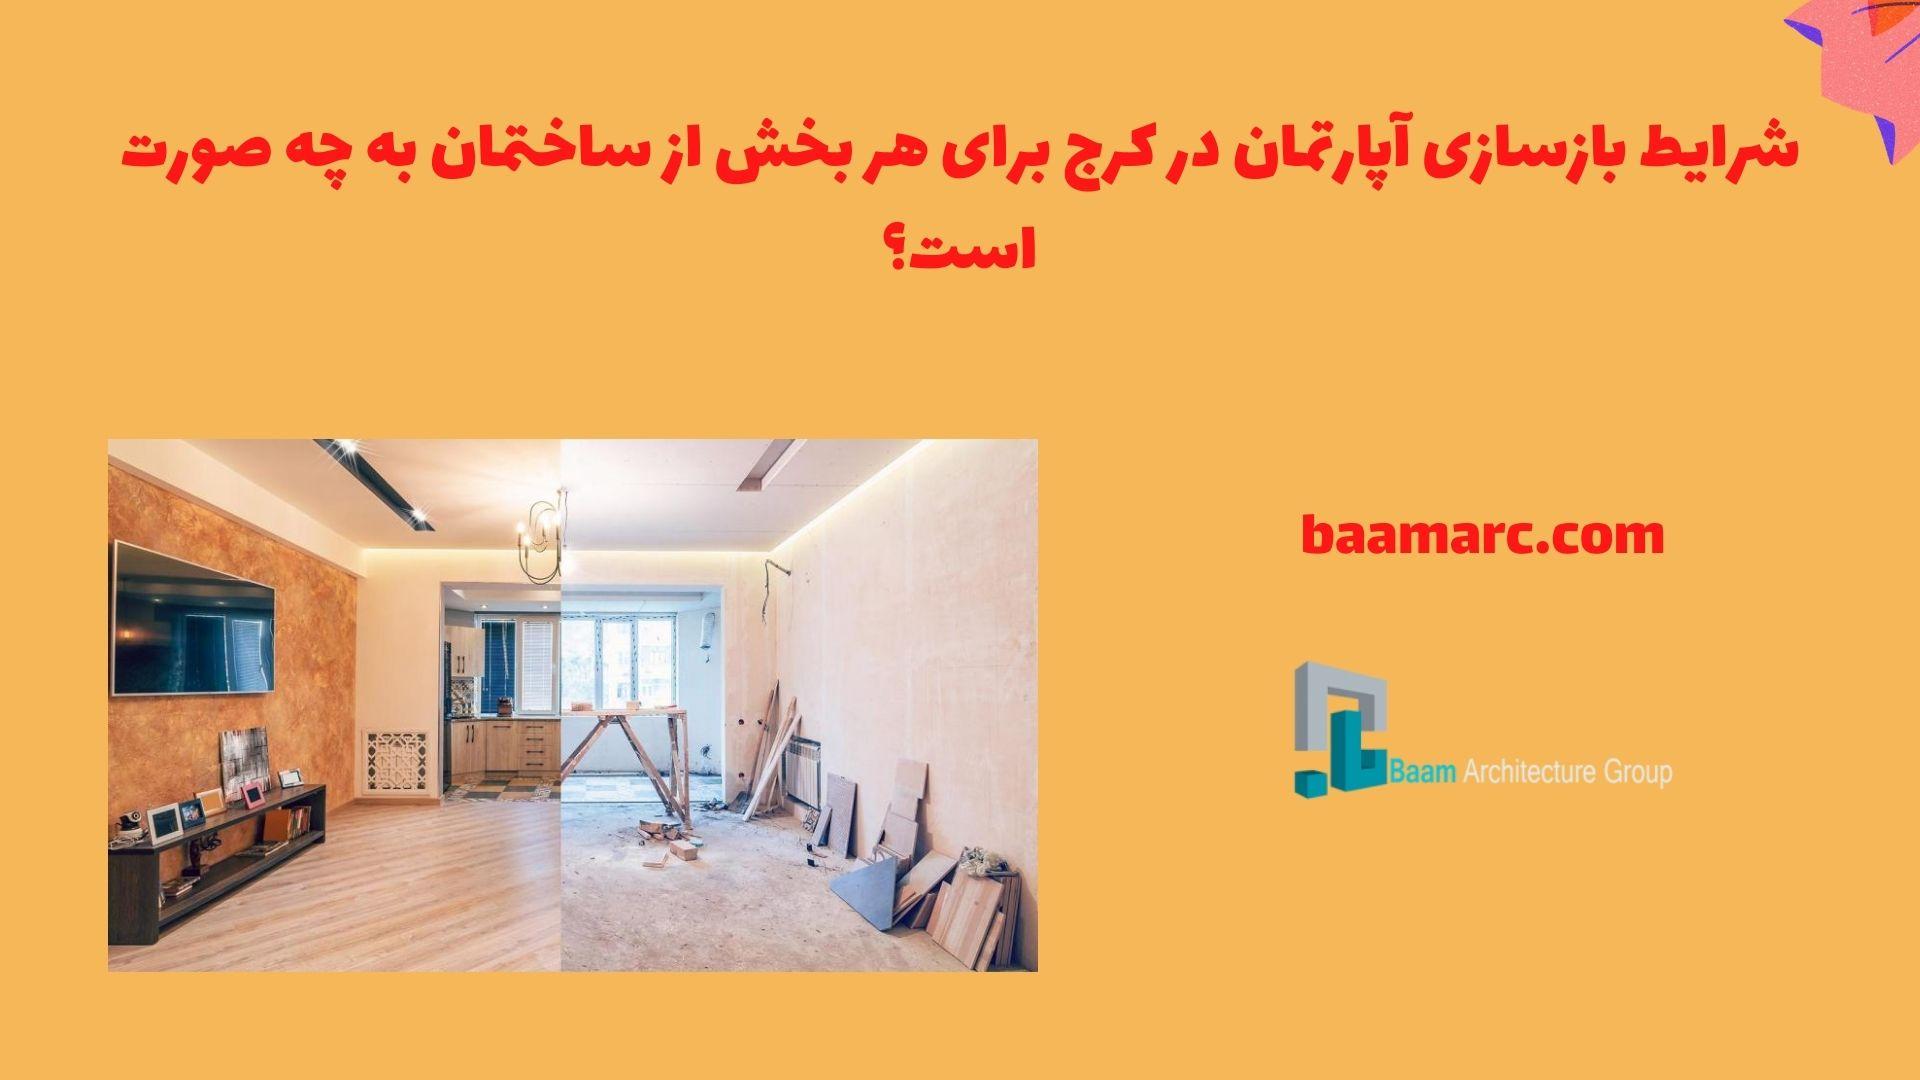 شرایط بازسازی آپارتمان در کرج برای هر بخش از ساختمان به چه صورت است؟